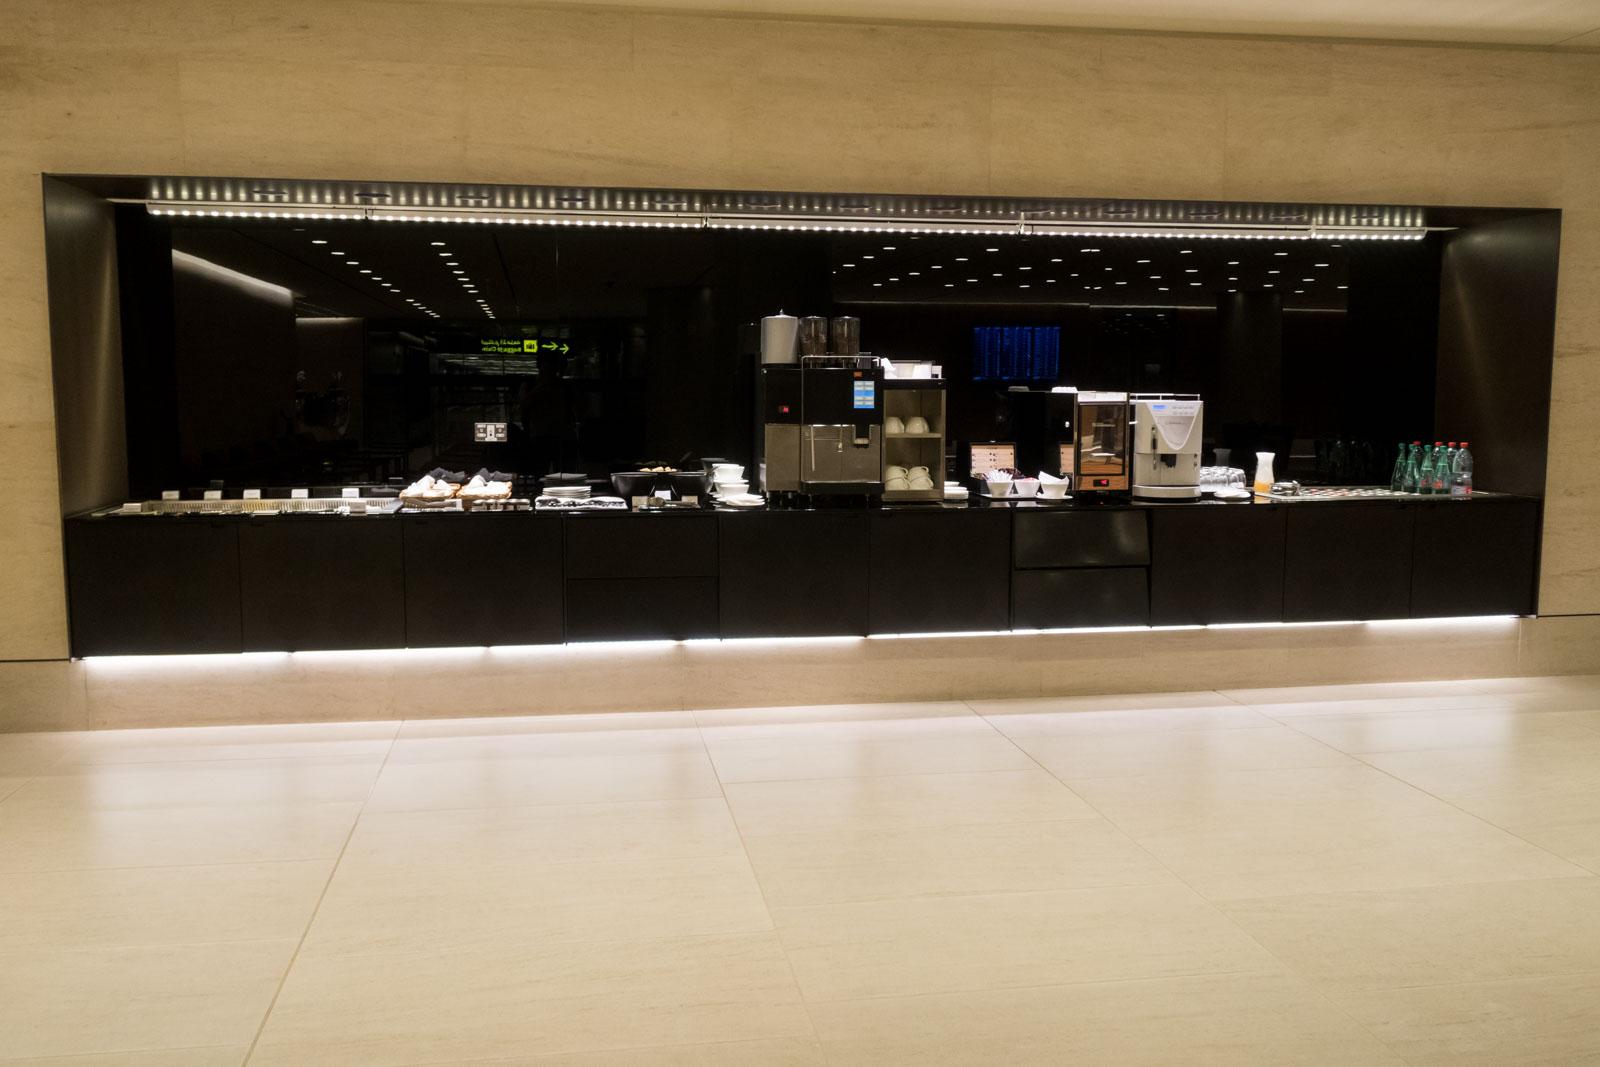 Buffet Spread in Premium Immigration Facility in Qatar